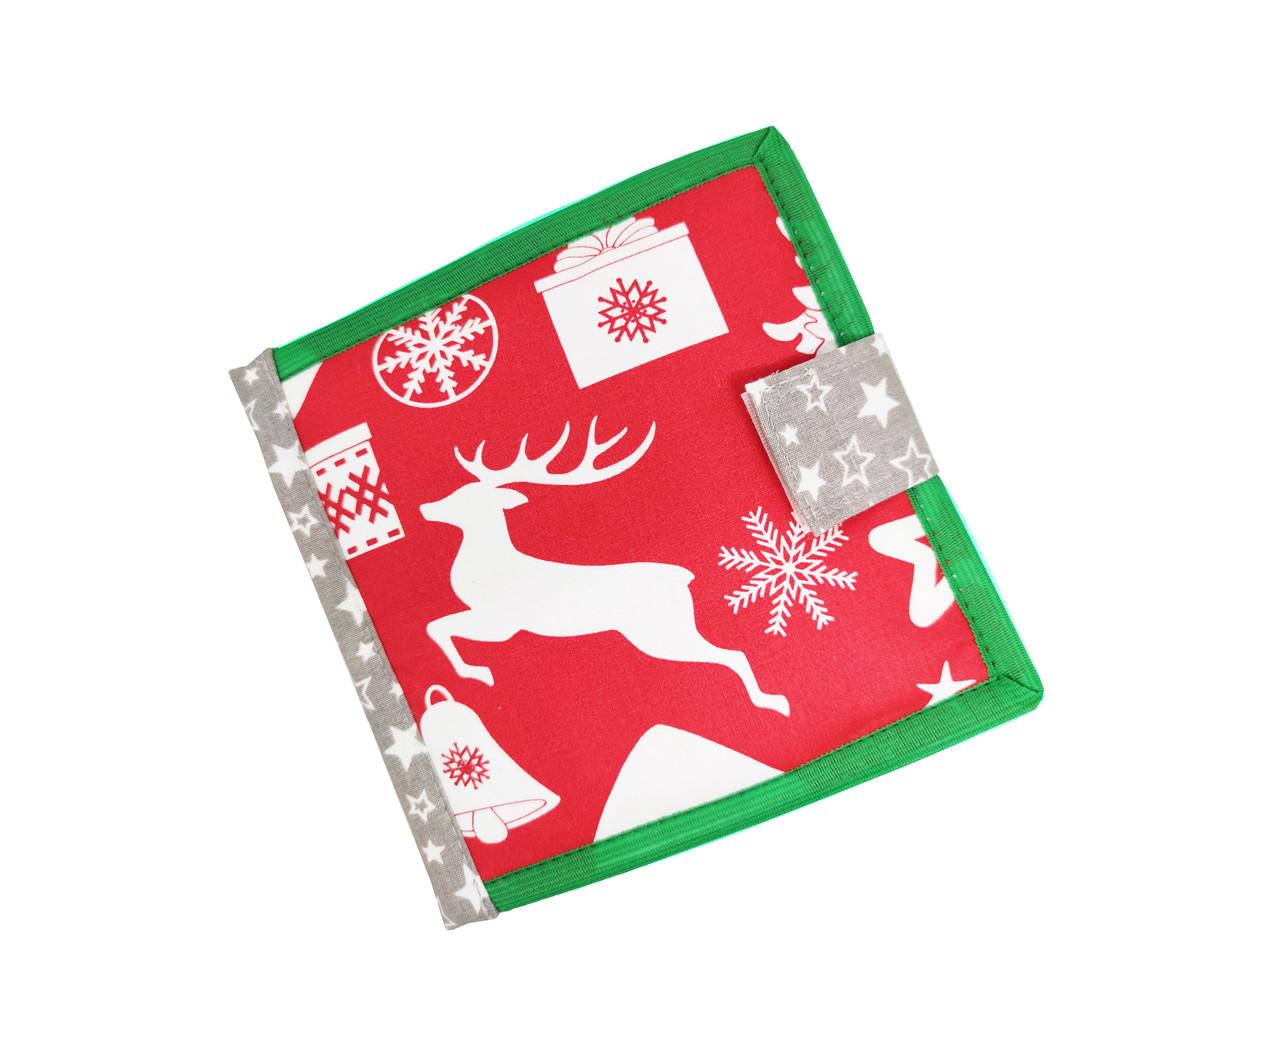 Новогодняя развивающая книжка из фетра для самых маленьких, 10 страниц/ Merry Cristmas